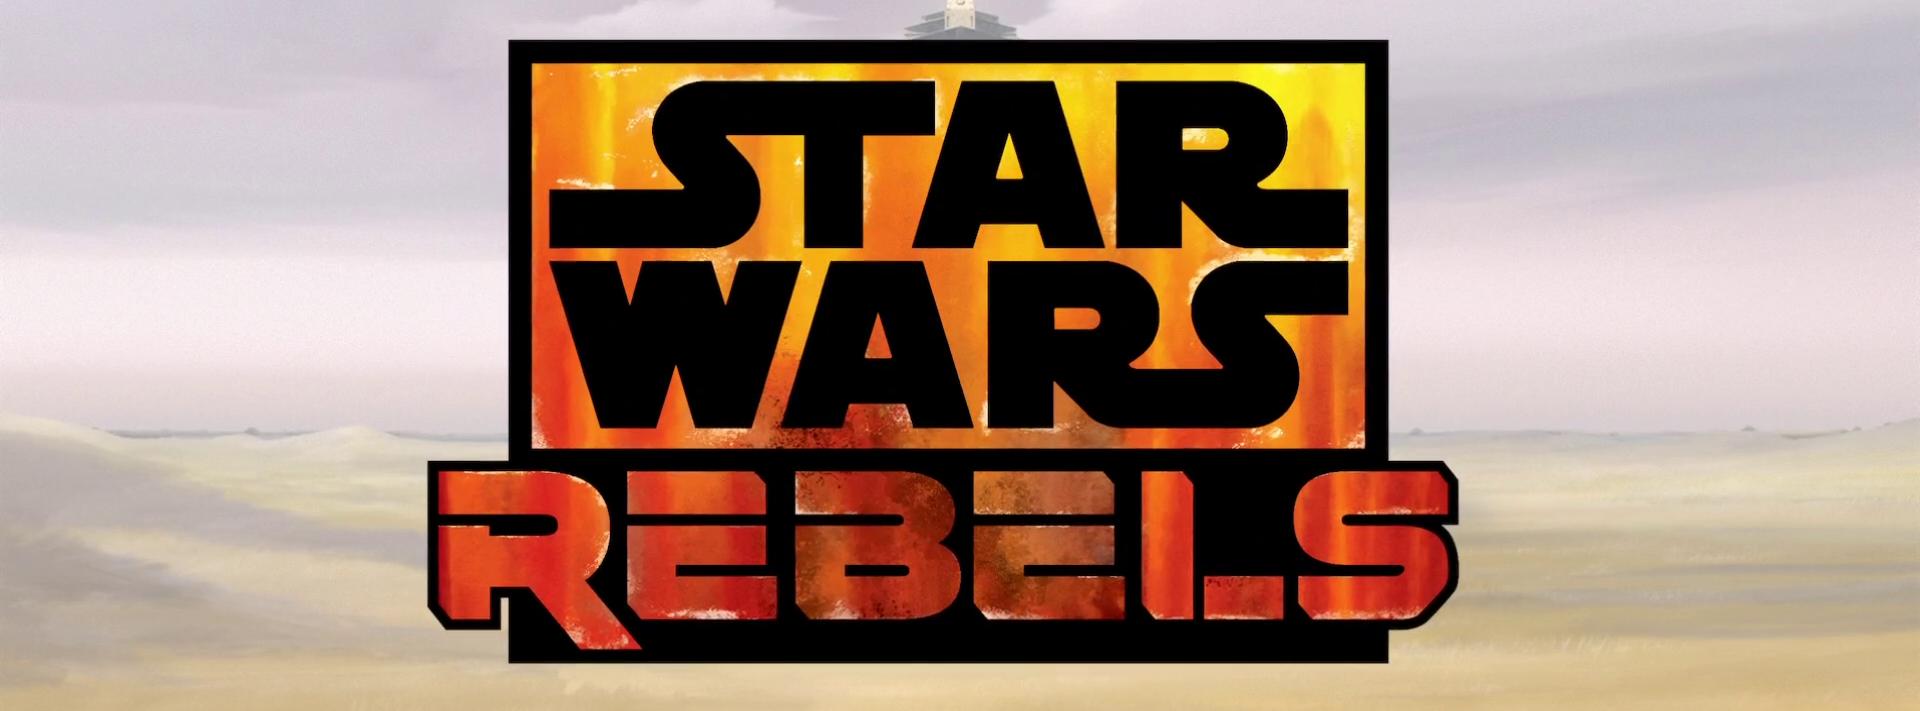 Kneel Before Blog - Star Wars Rebels - Warhead